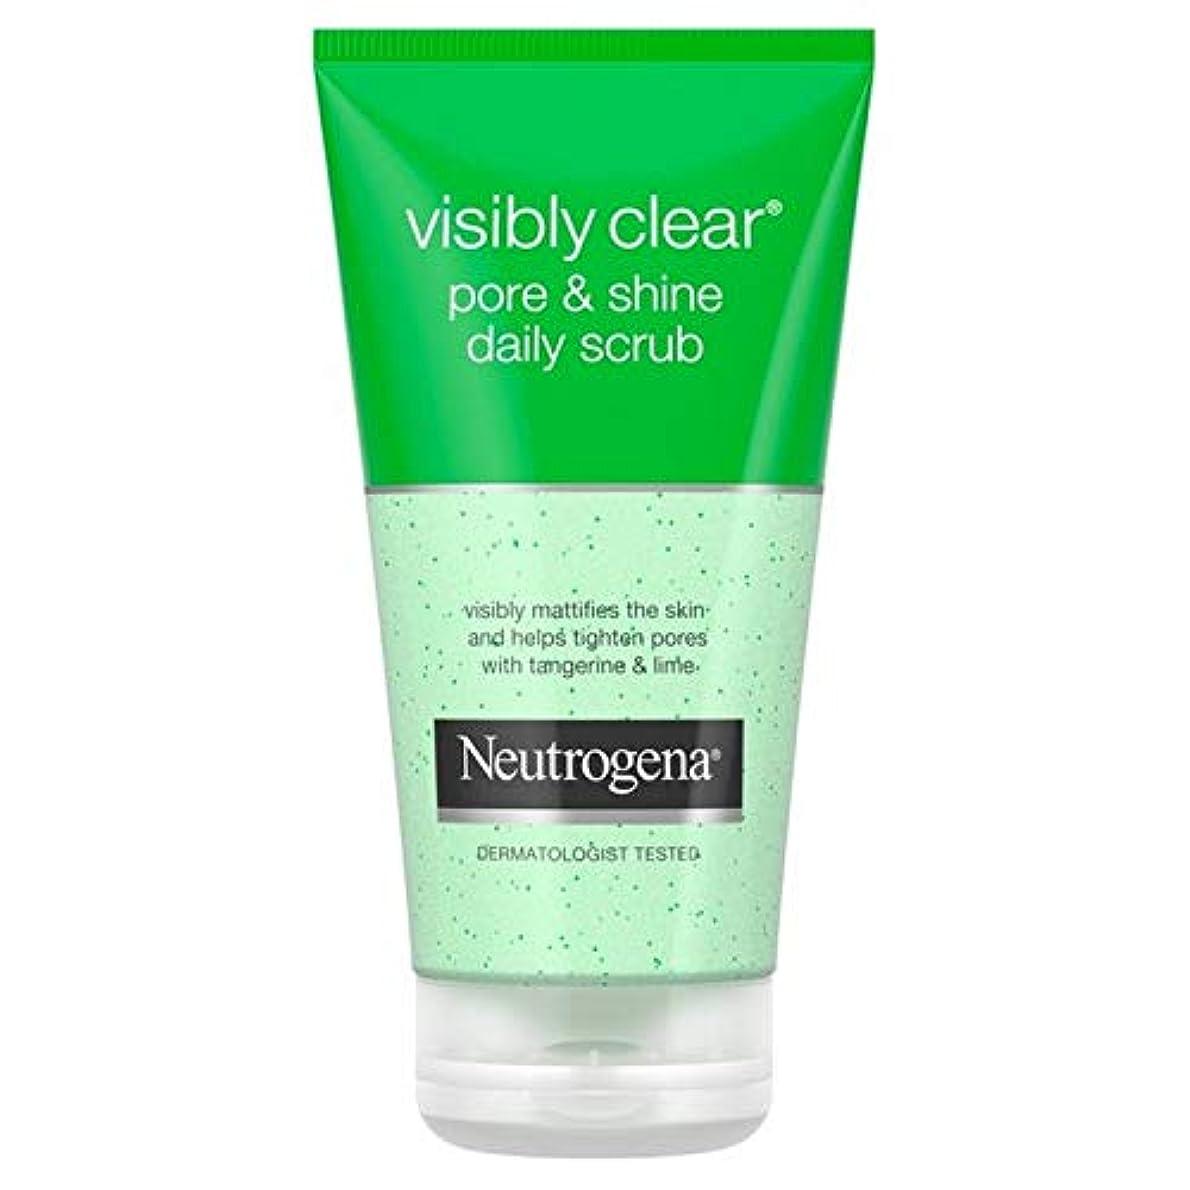 絶望的な戻す流用する[Neutrogena ] ニュートロジーナ目に見えて明らか輝き&ポアスクラブ150ミリリットル - Neutrogena Visibly Clear Shine & Pore Scrub 150ml [並行輸入品]